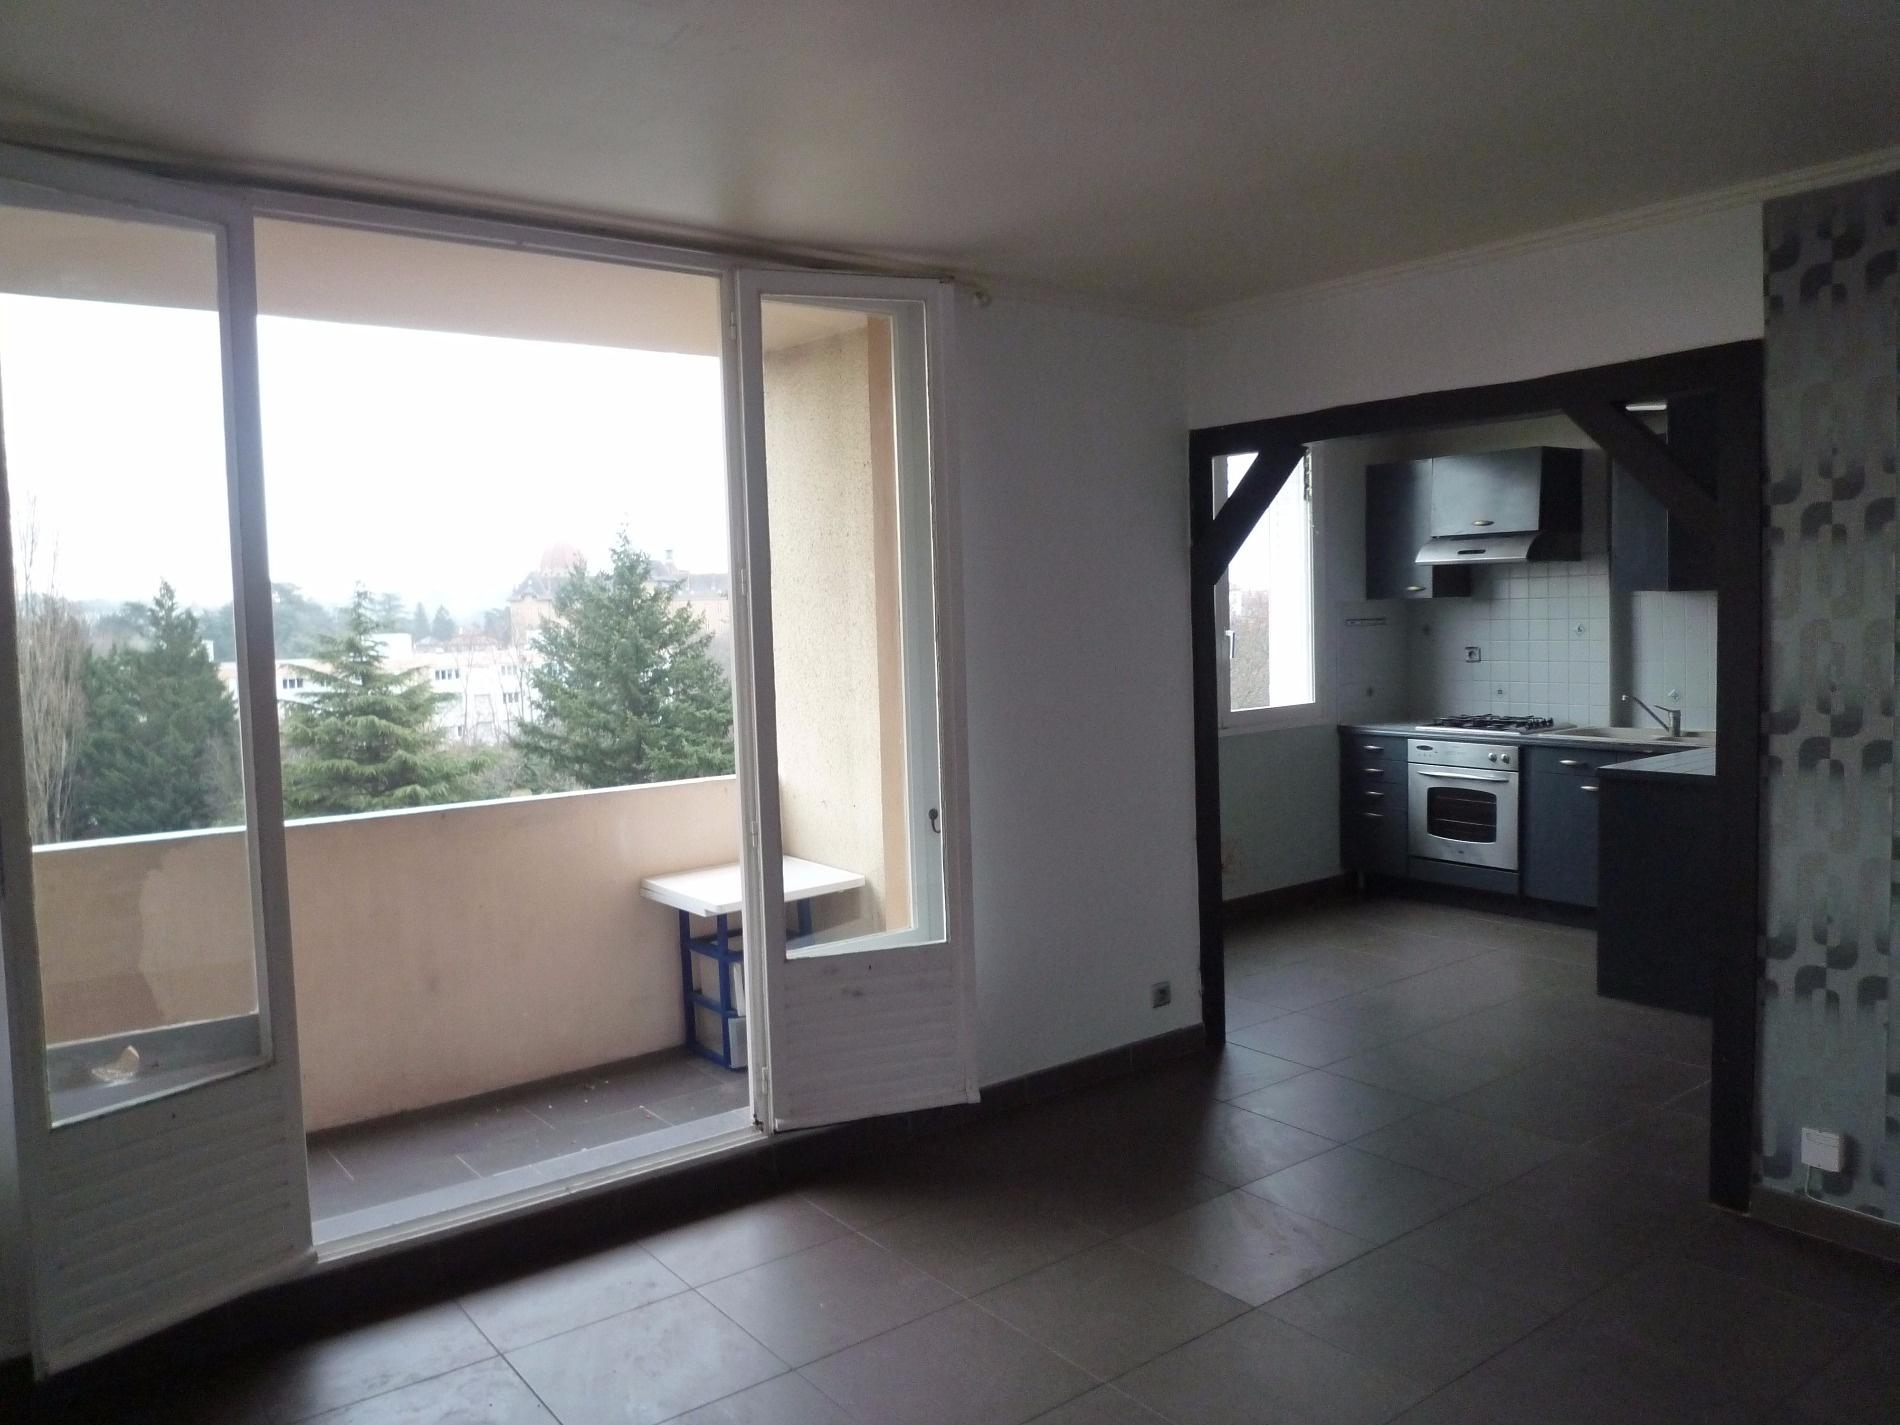 Offres de vente Appartement Sainte-Foy-lès-Lyon (69110)